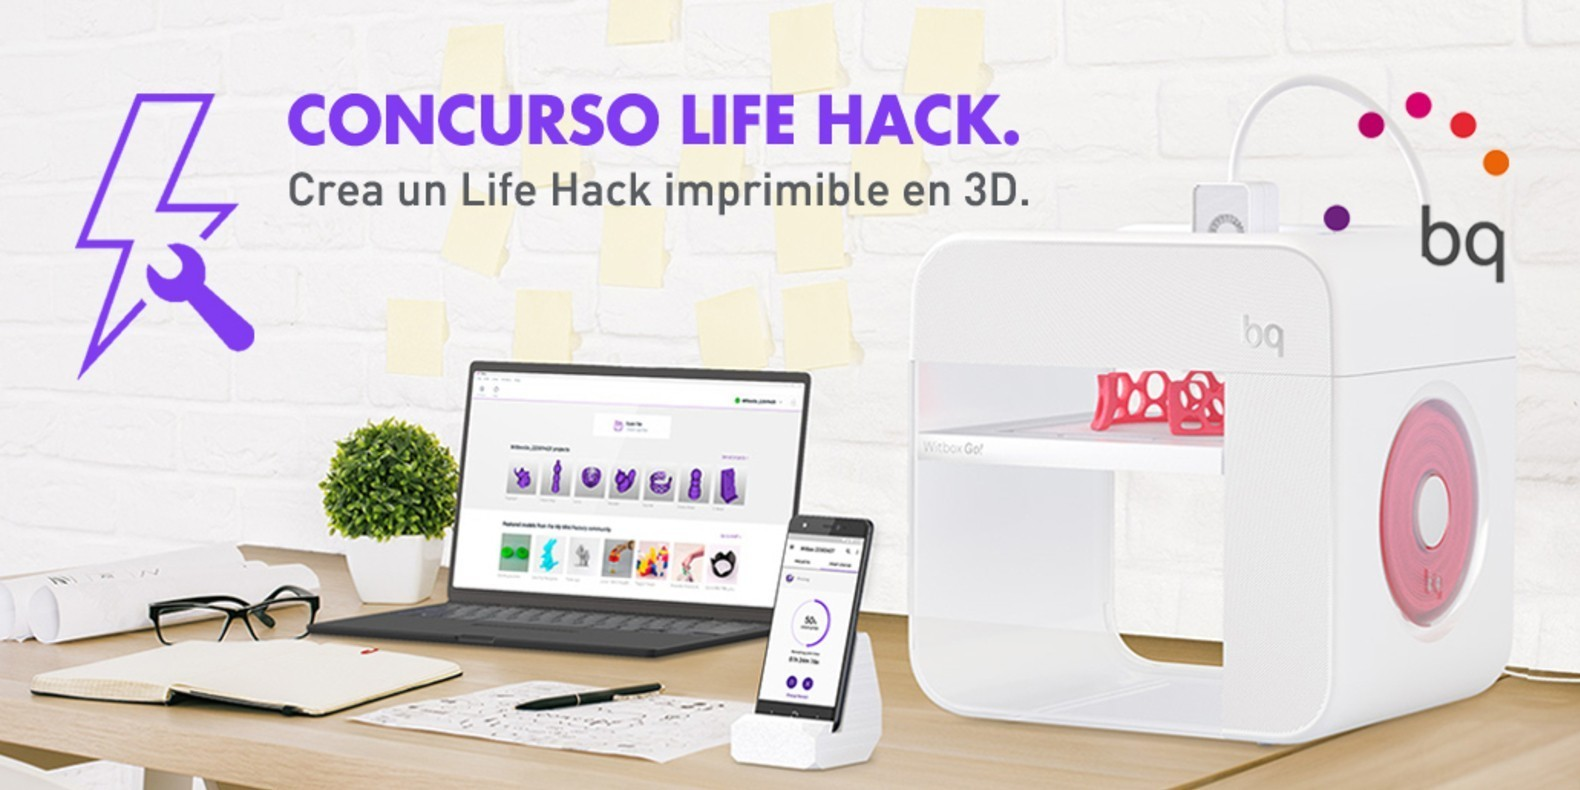 Concurso Life Hack